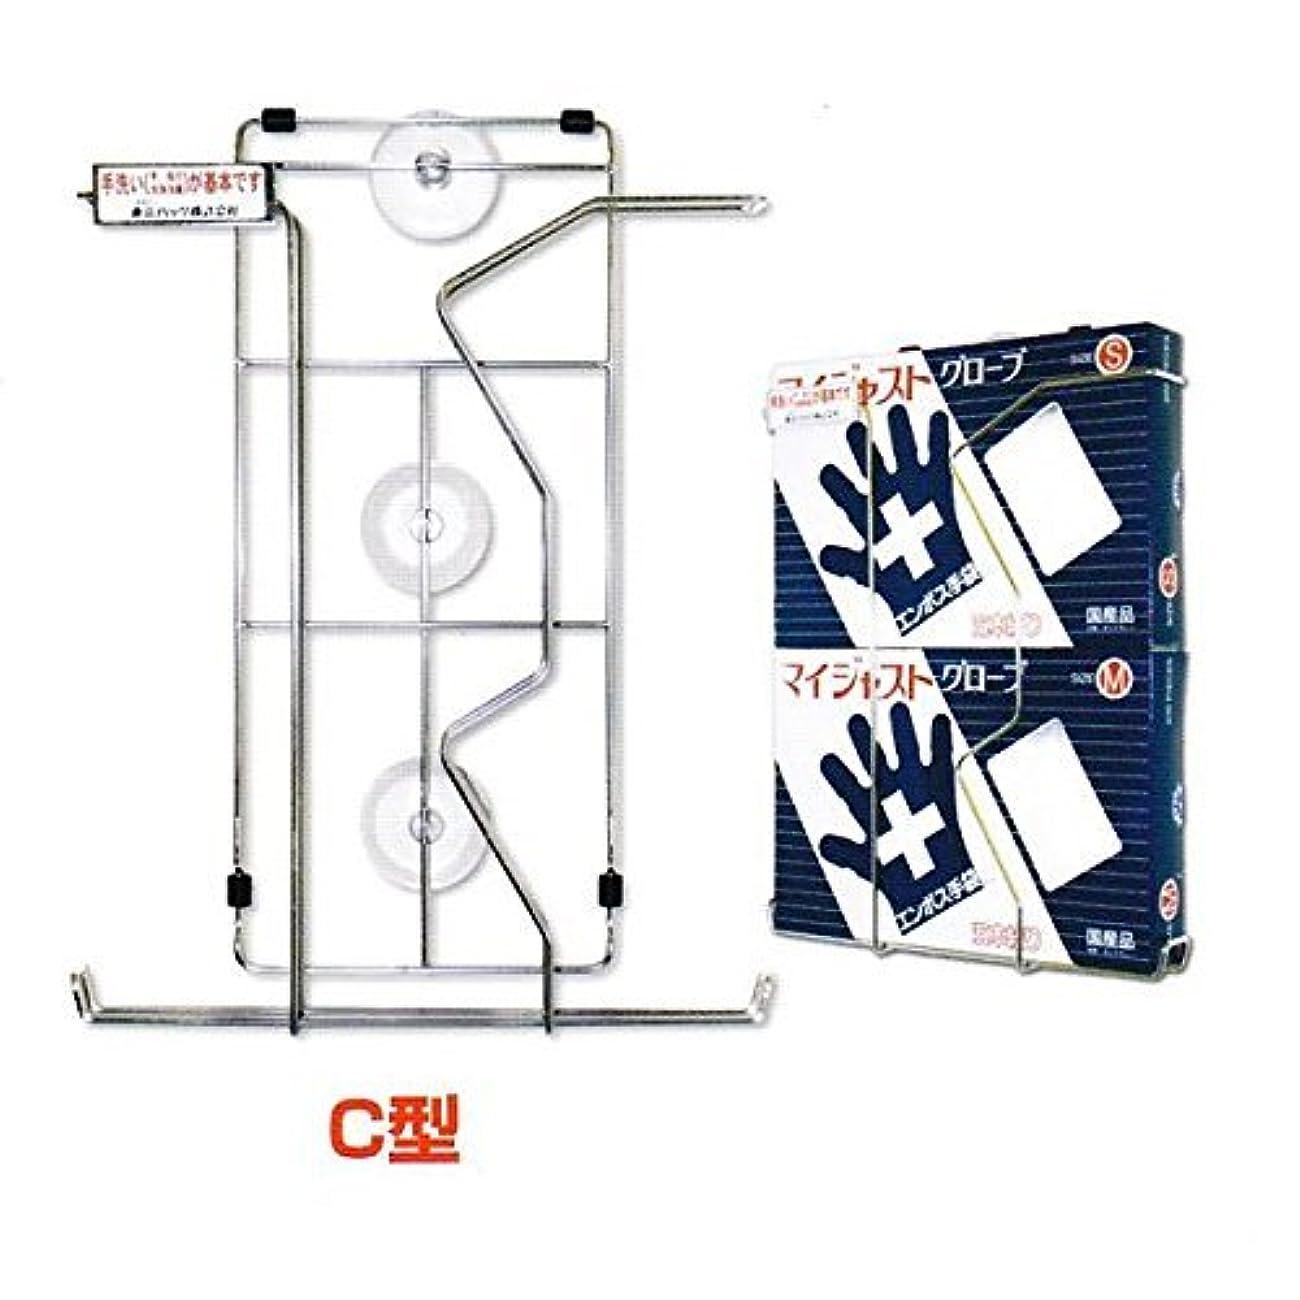 お茶本物小包エンボス手袋化粧箱 専用ハンガーC型 東京パック